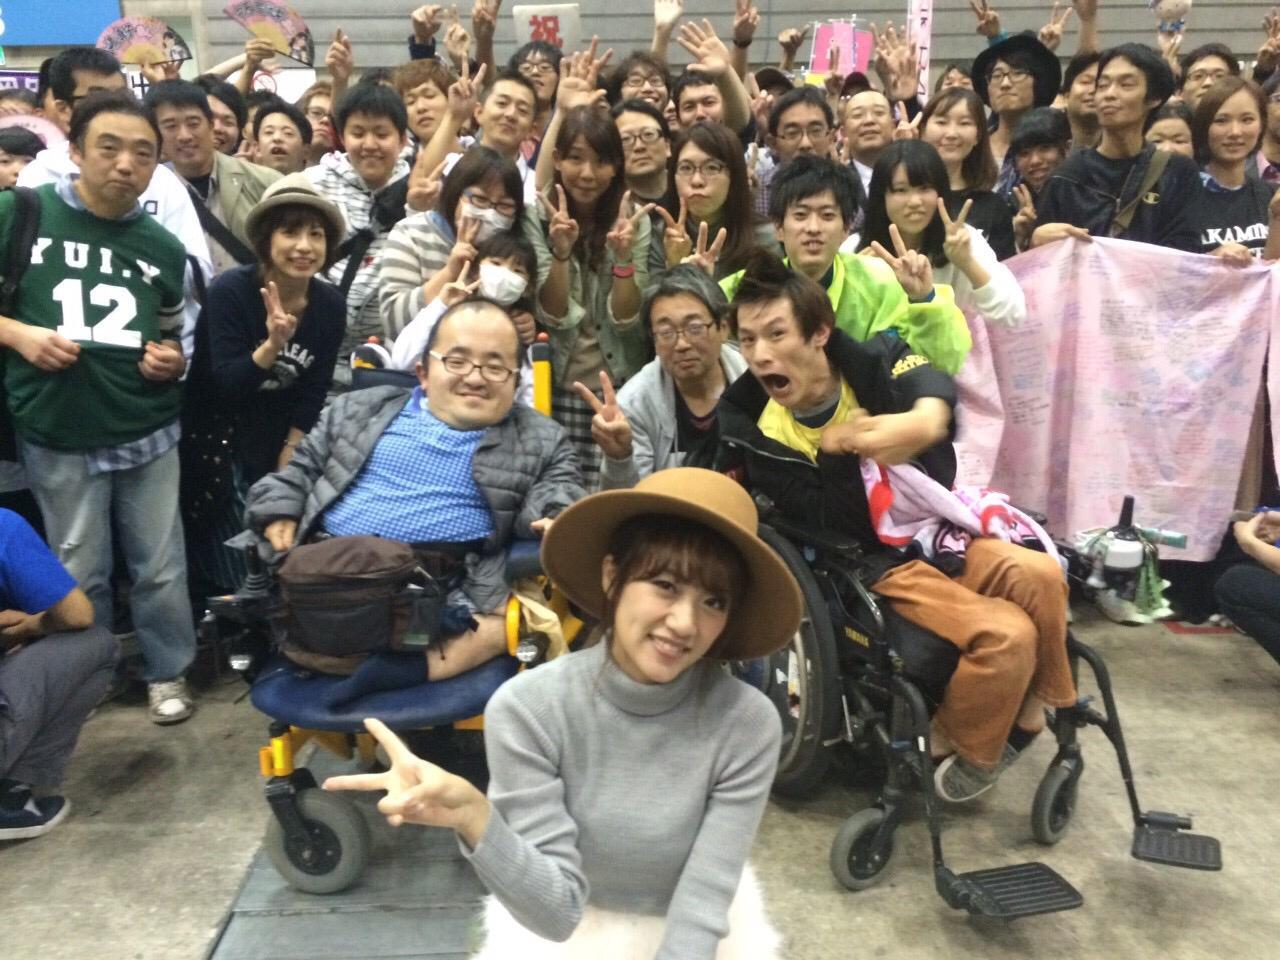 http://livedoor.blogimg.jp/akb48matomemory/imgs/e/5/e51d6219.jpg